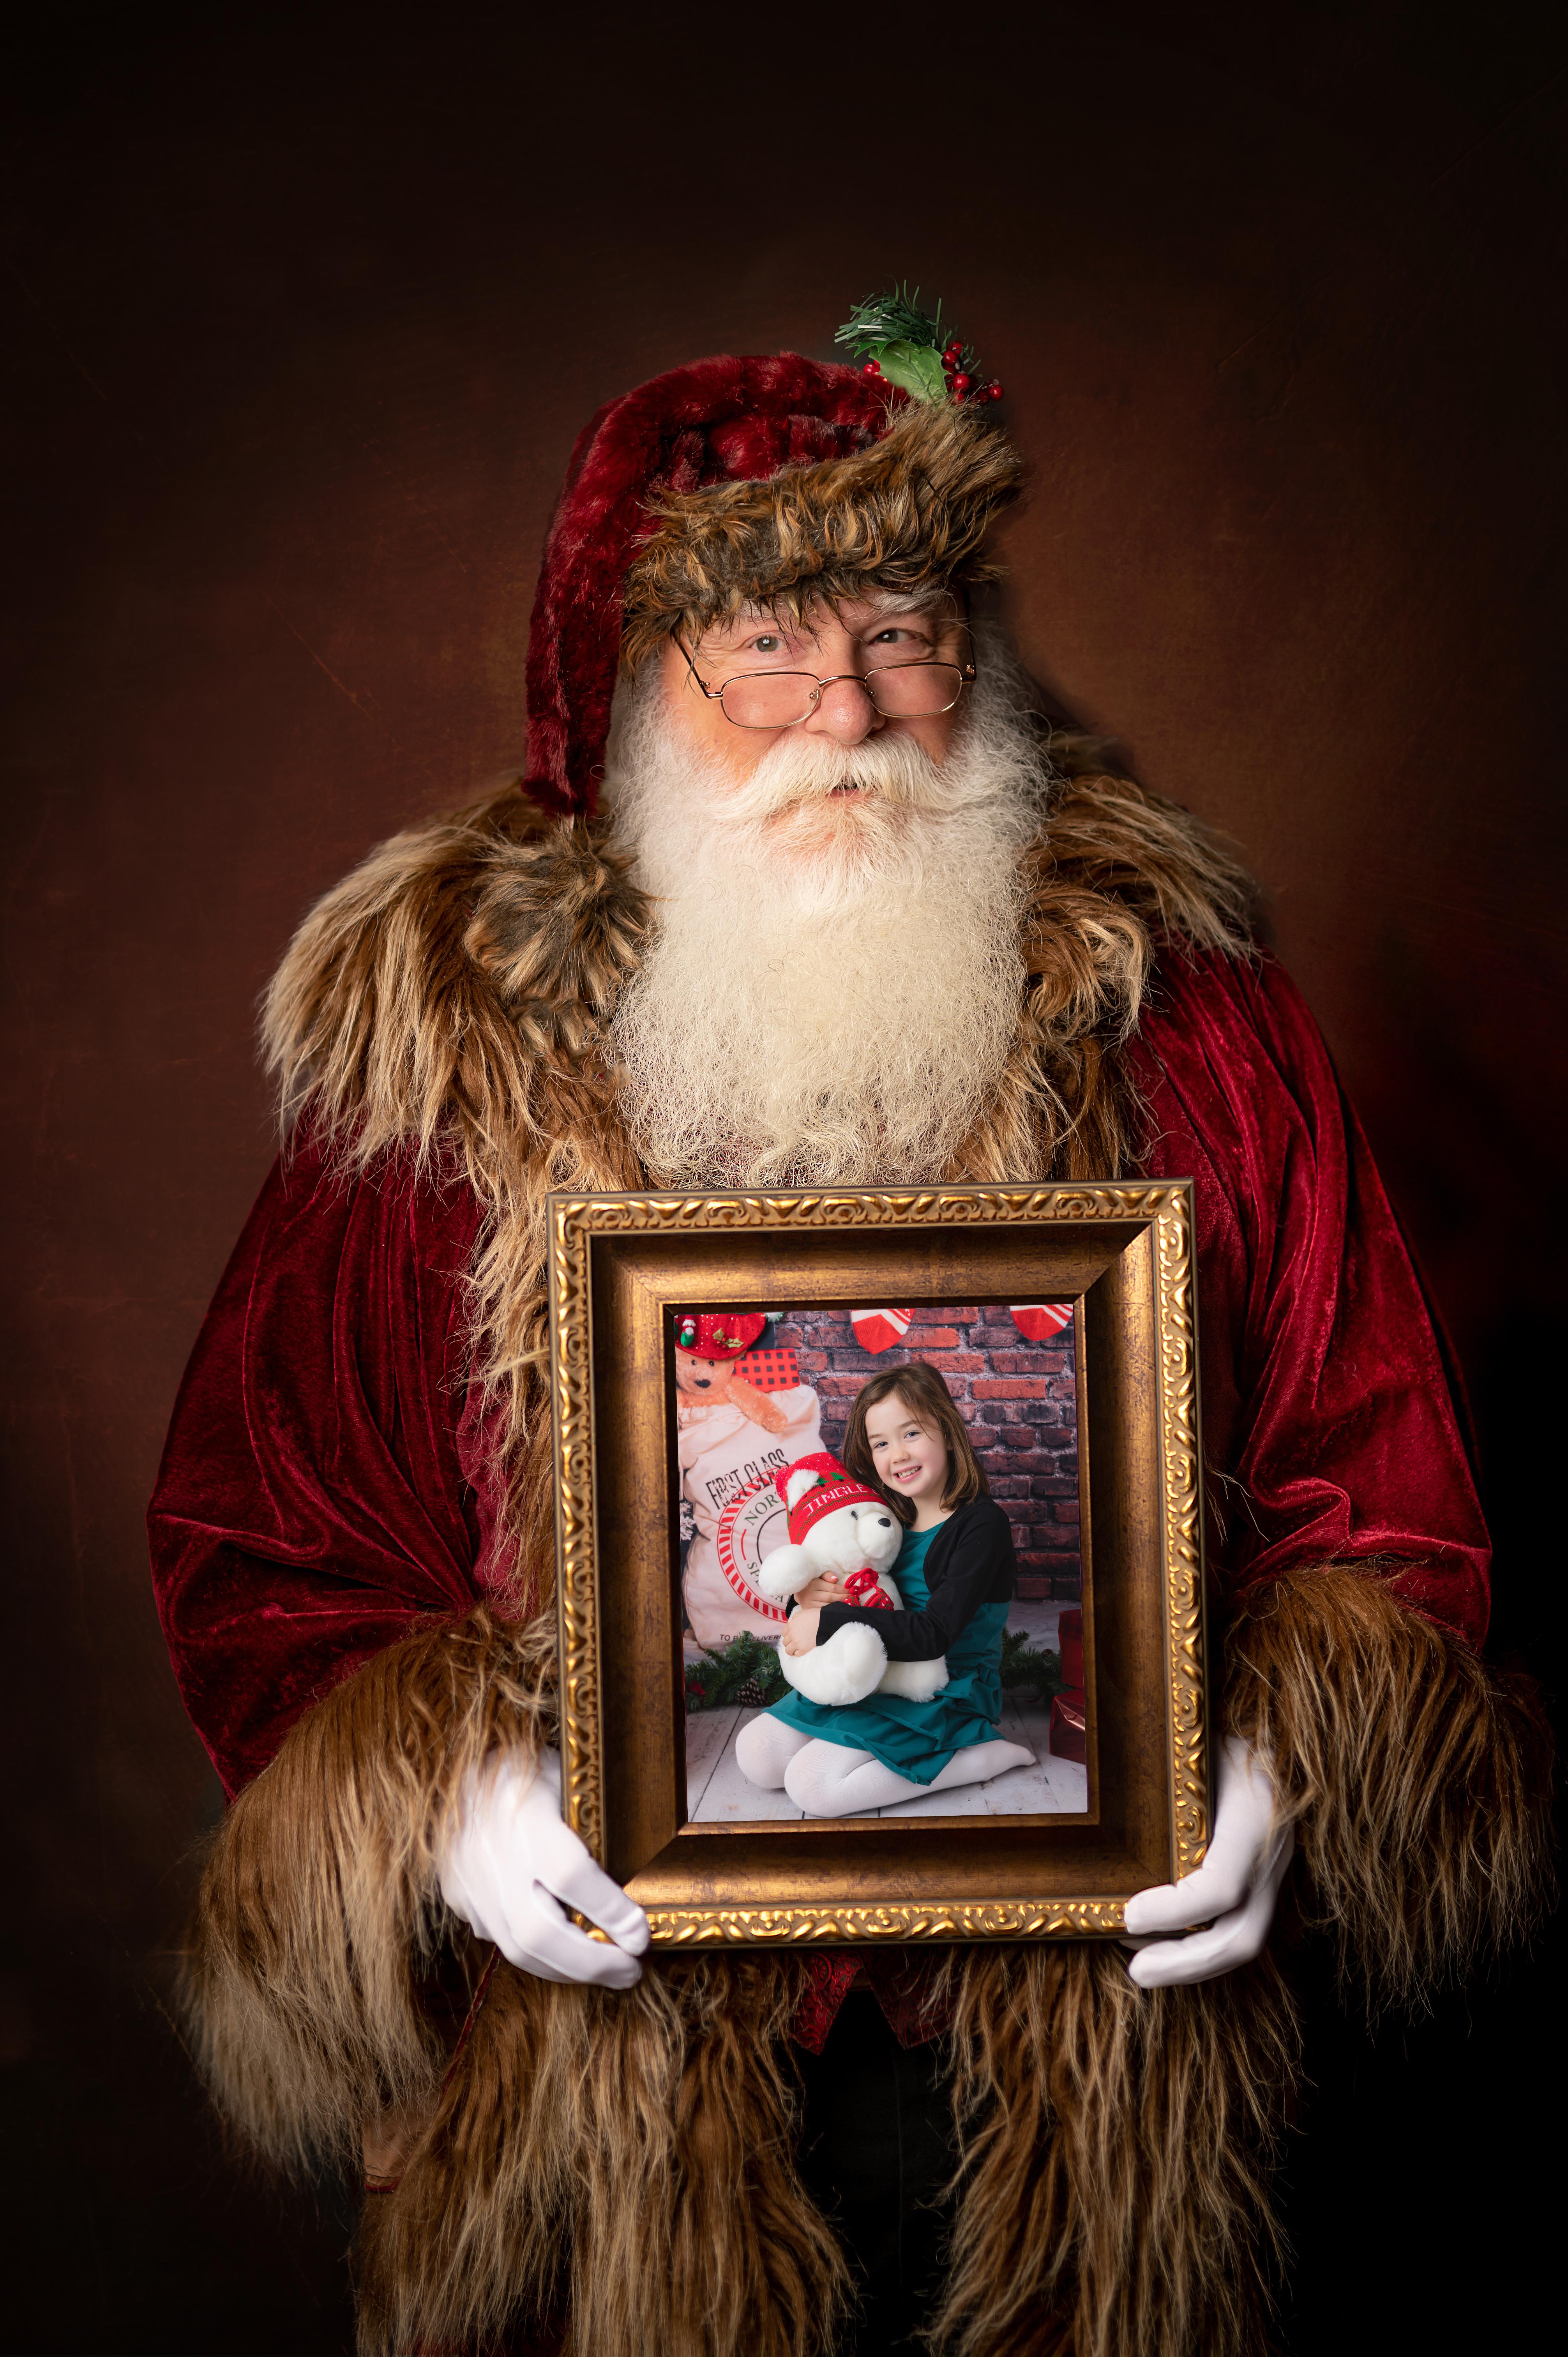 #3 - Portrait Santa Vertical